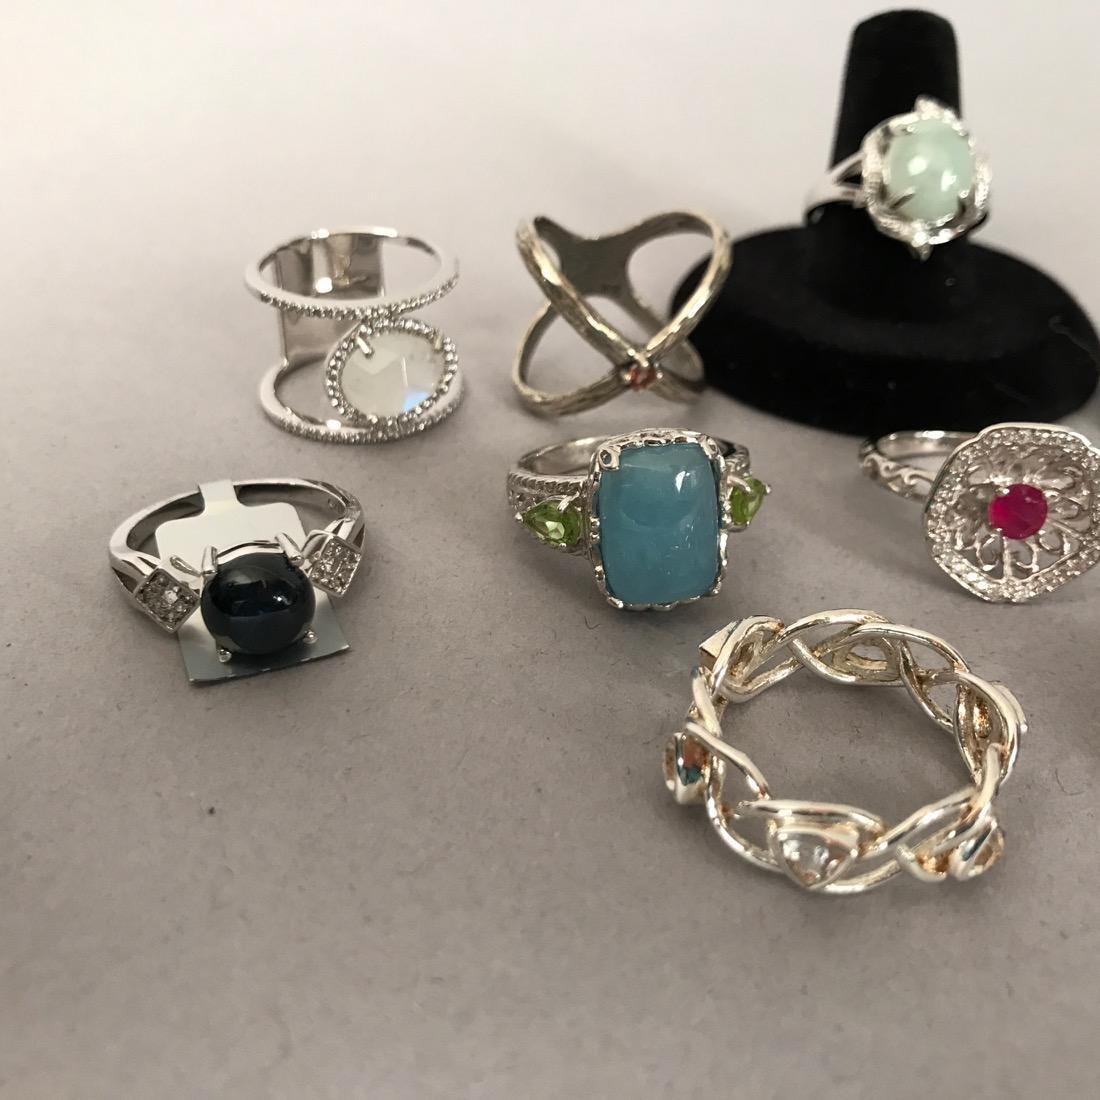 12 Sterlig Silver Rings - 3